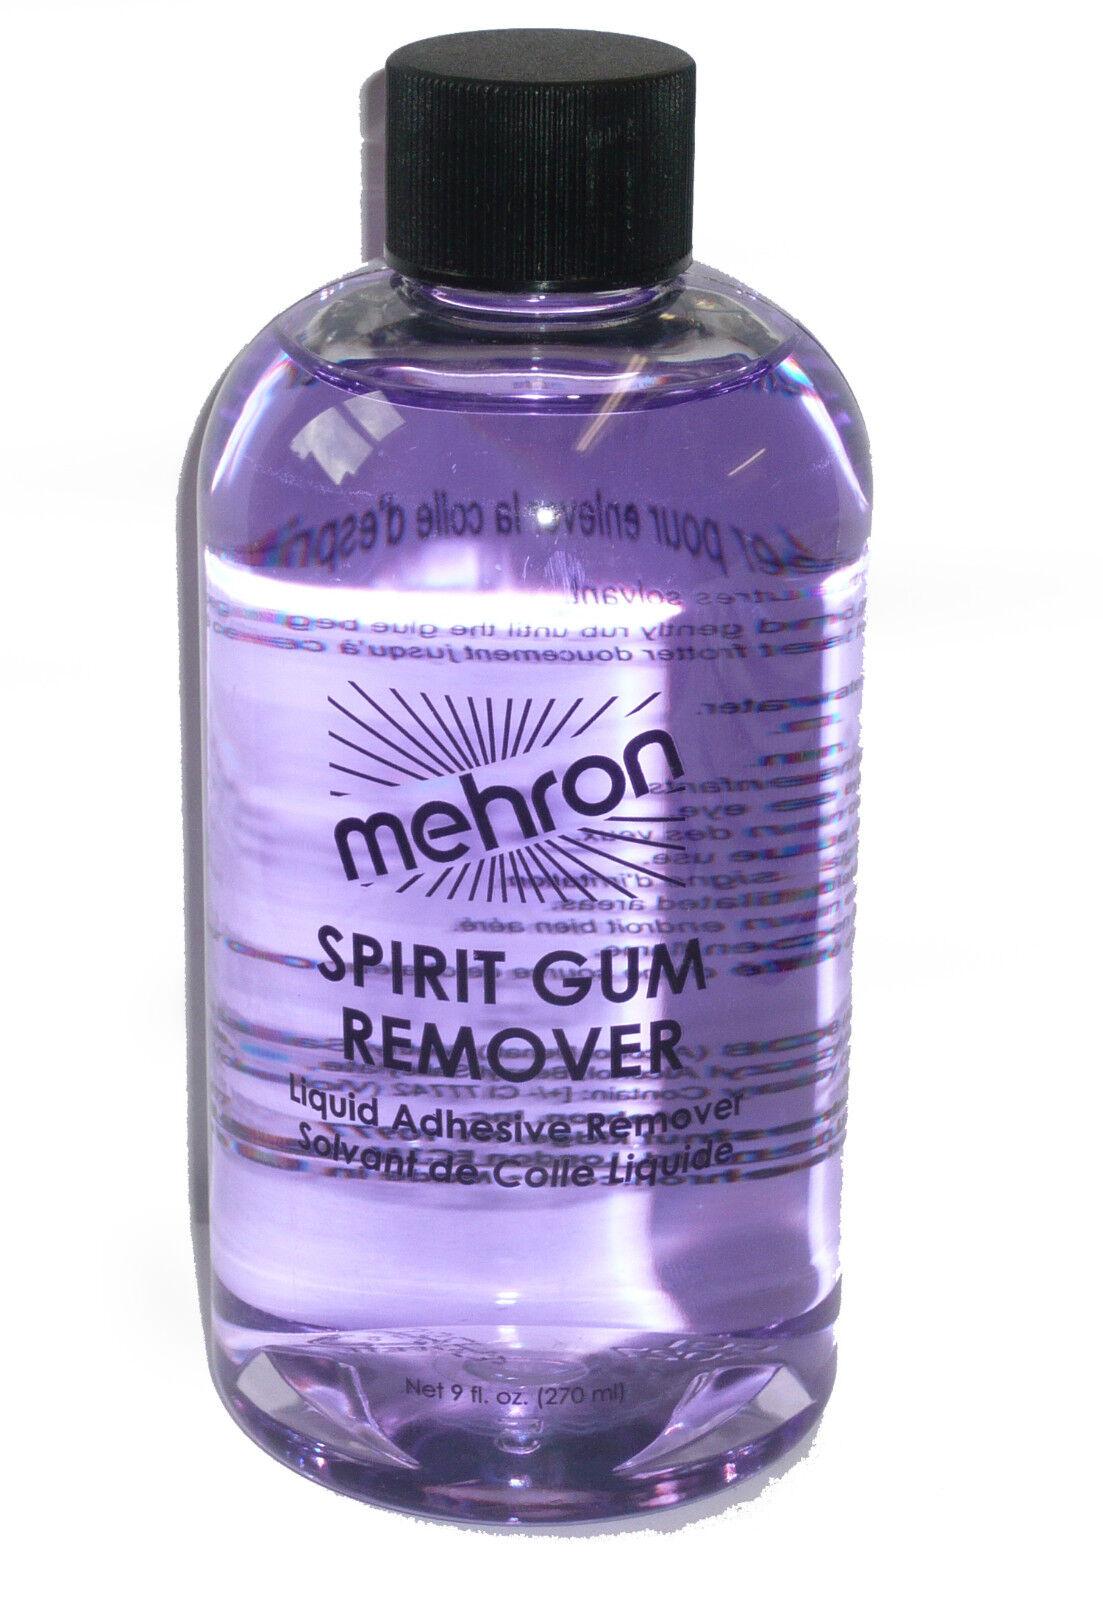 Spirit Gum Remover 9 OZ Spirit Gum Adhesive Remover Mehron 143 - $13.88